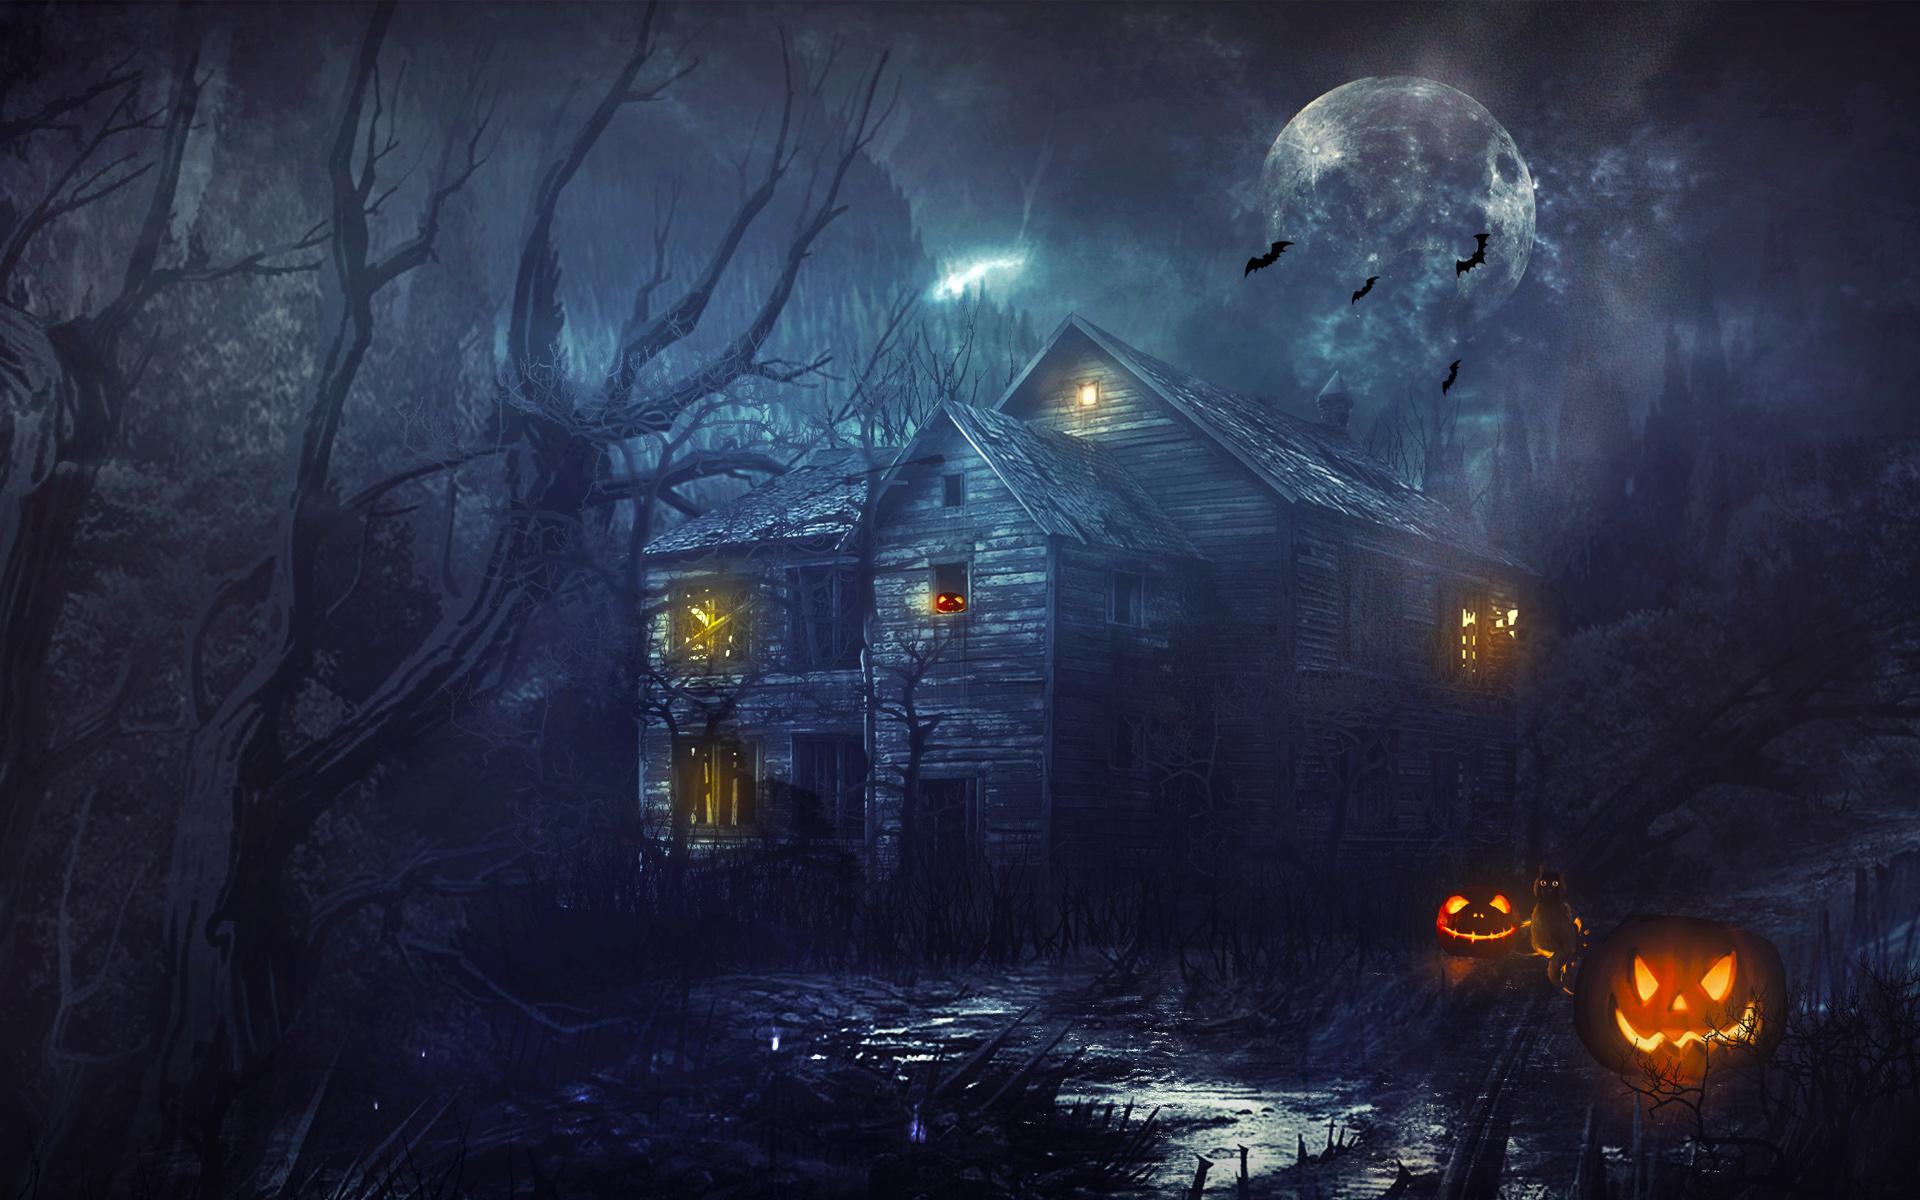 Halloween 2013 Wallpapers HD Wallpapers 1920x1200